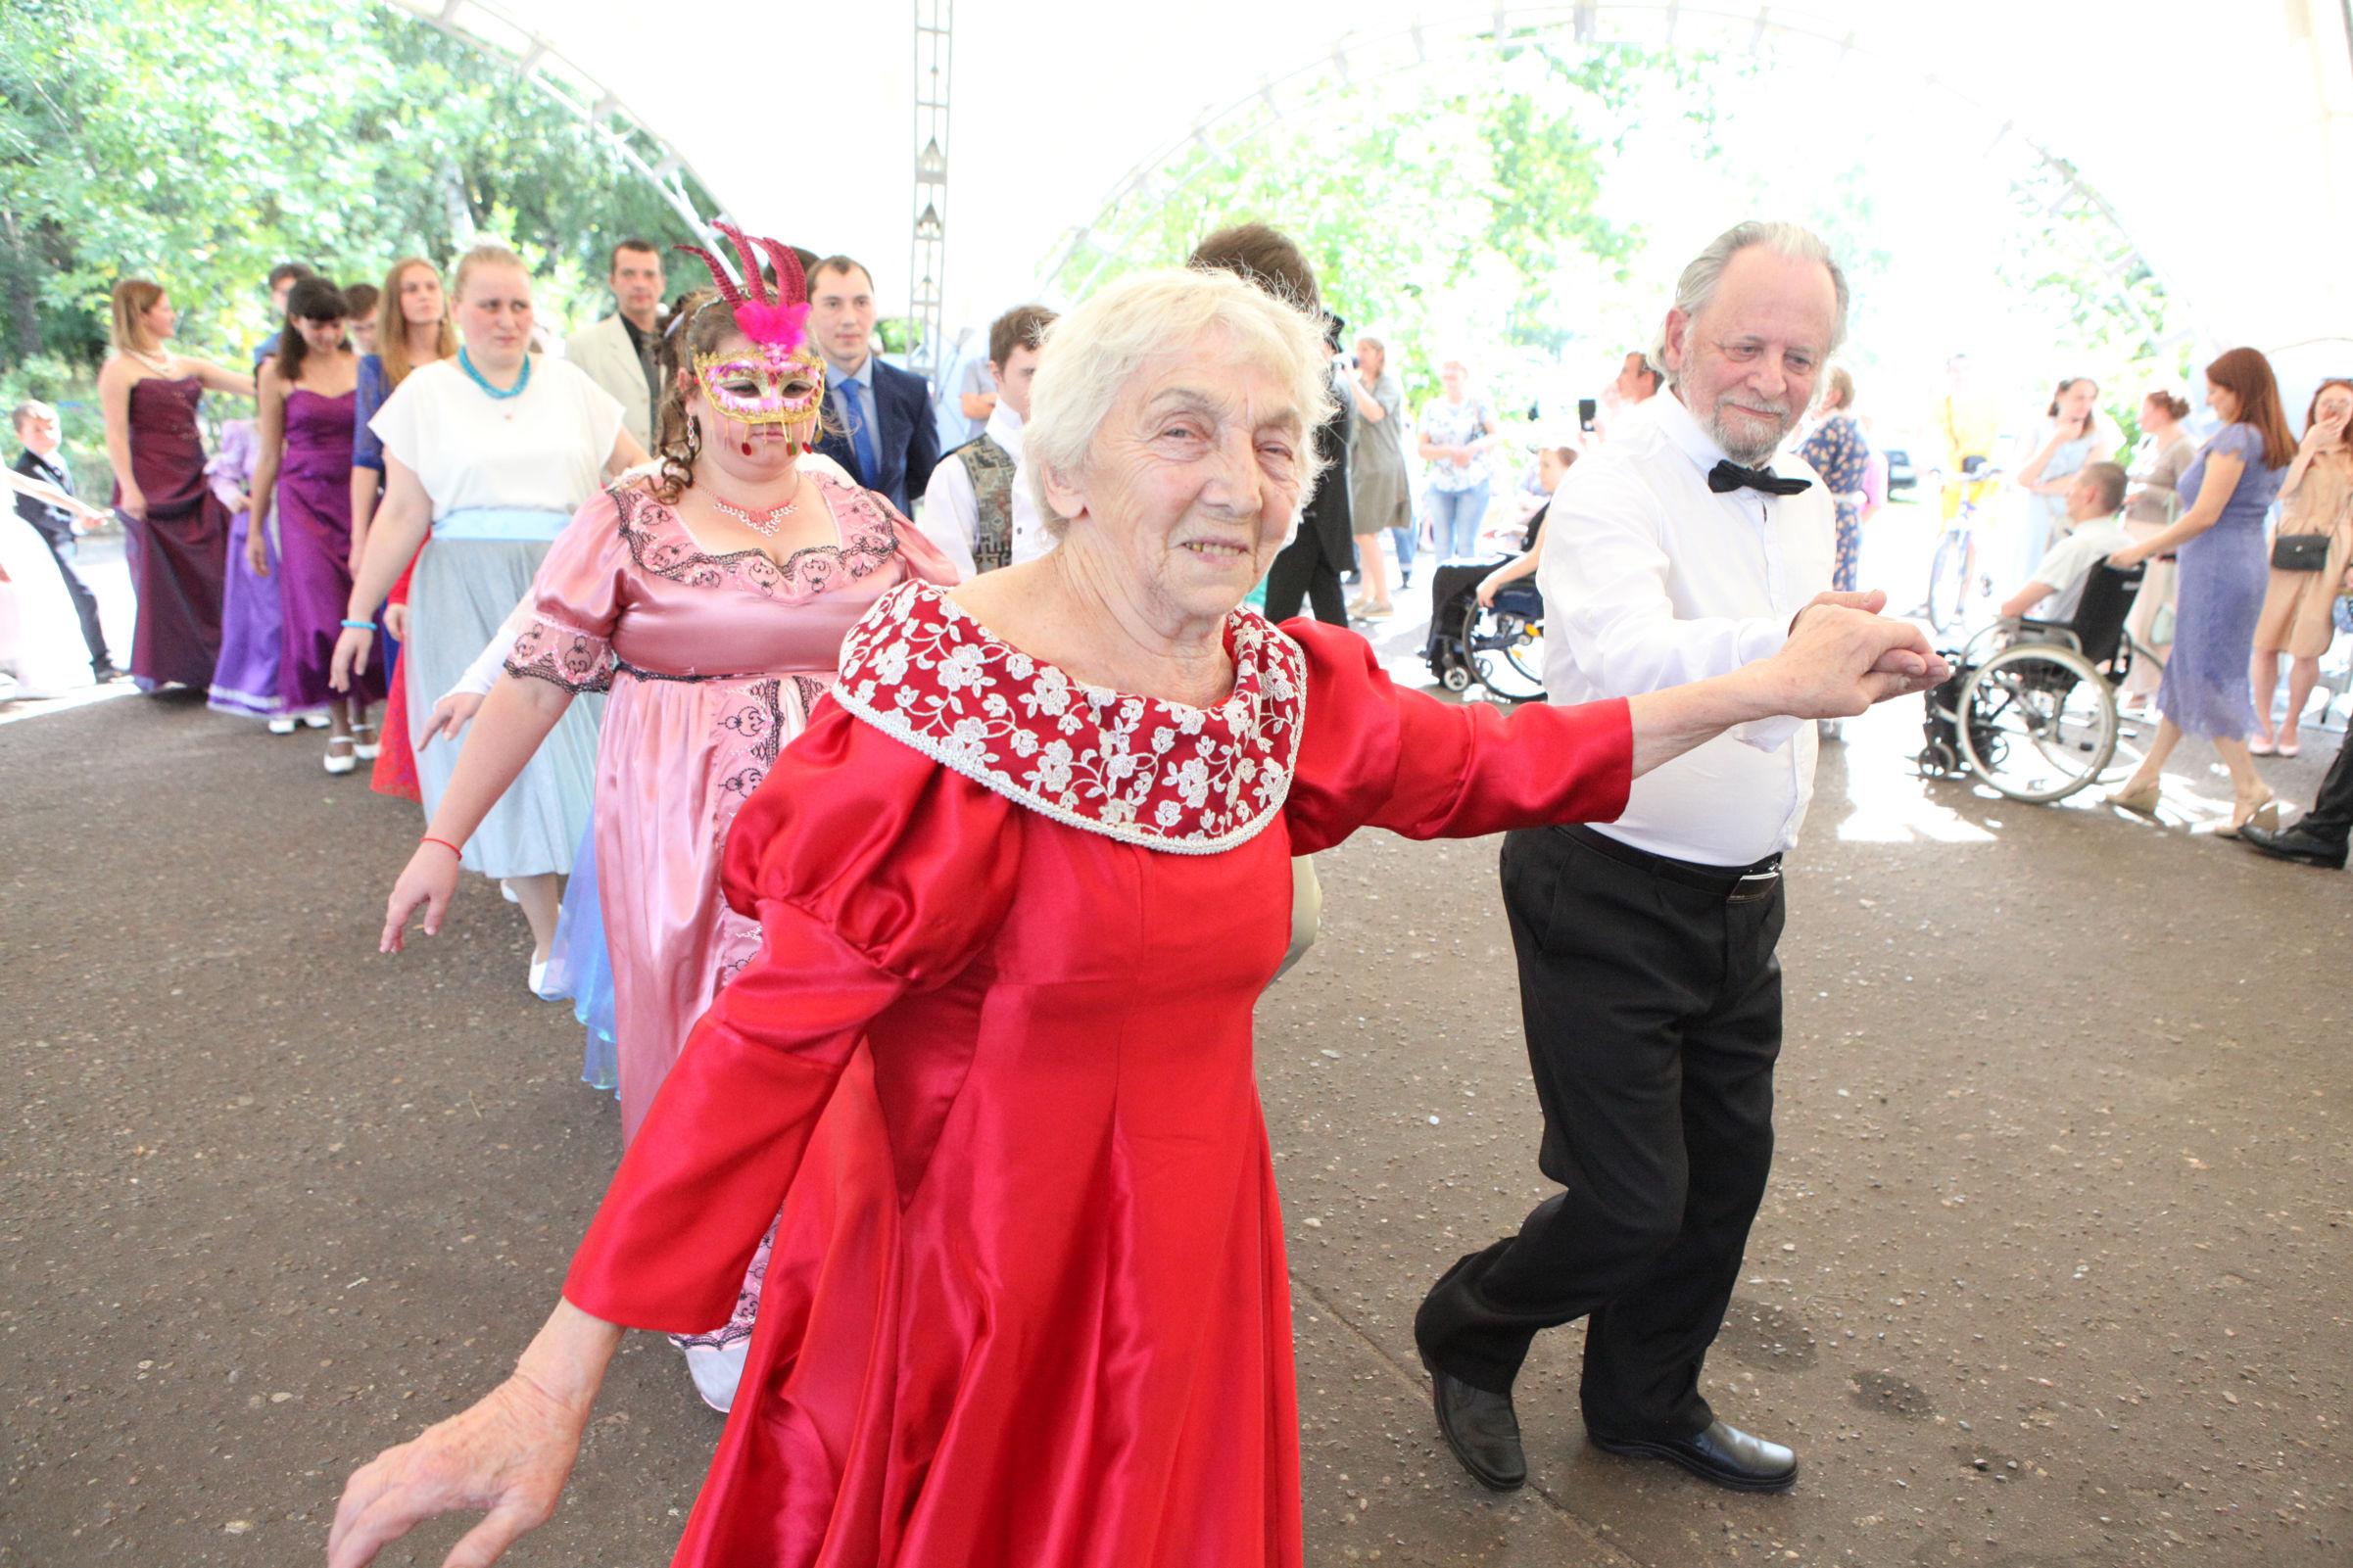 В Ярославской области провели инклюзивный бал, доступный для всех жителей региона